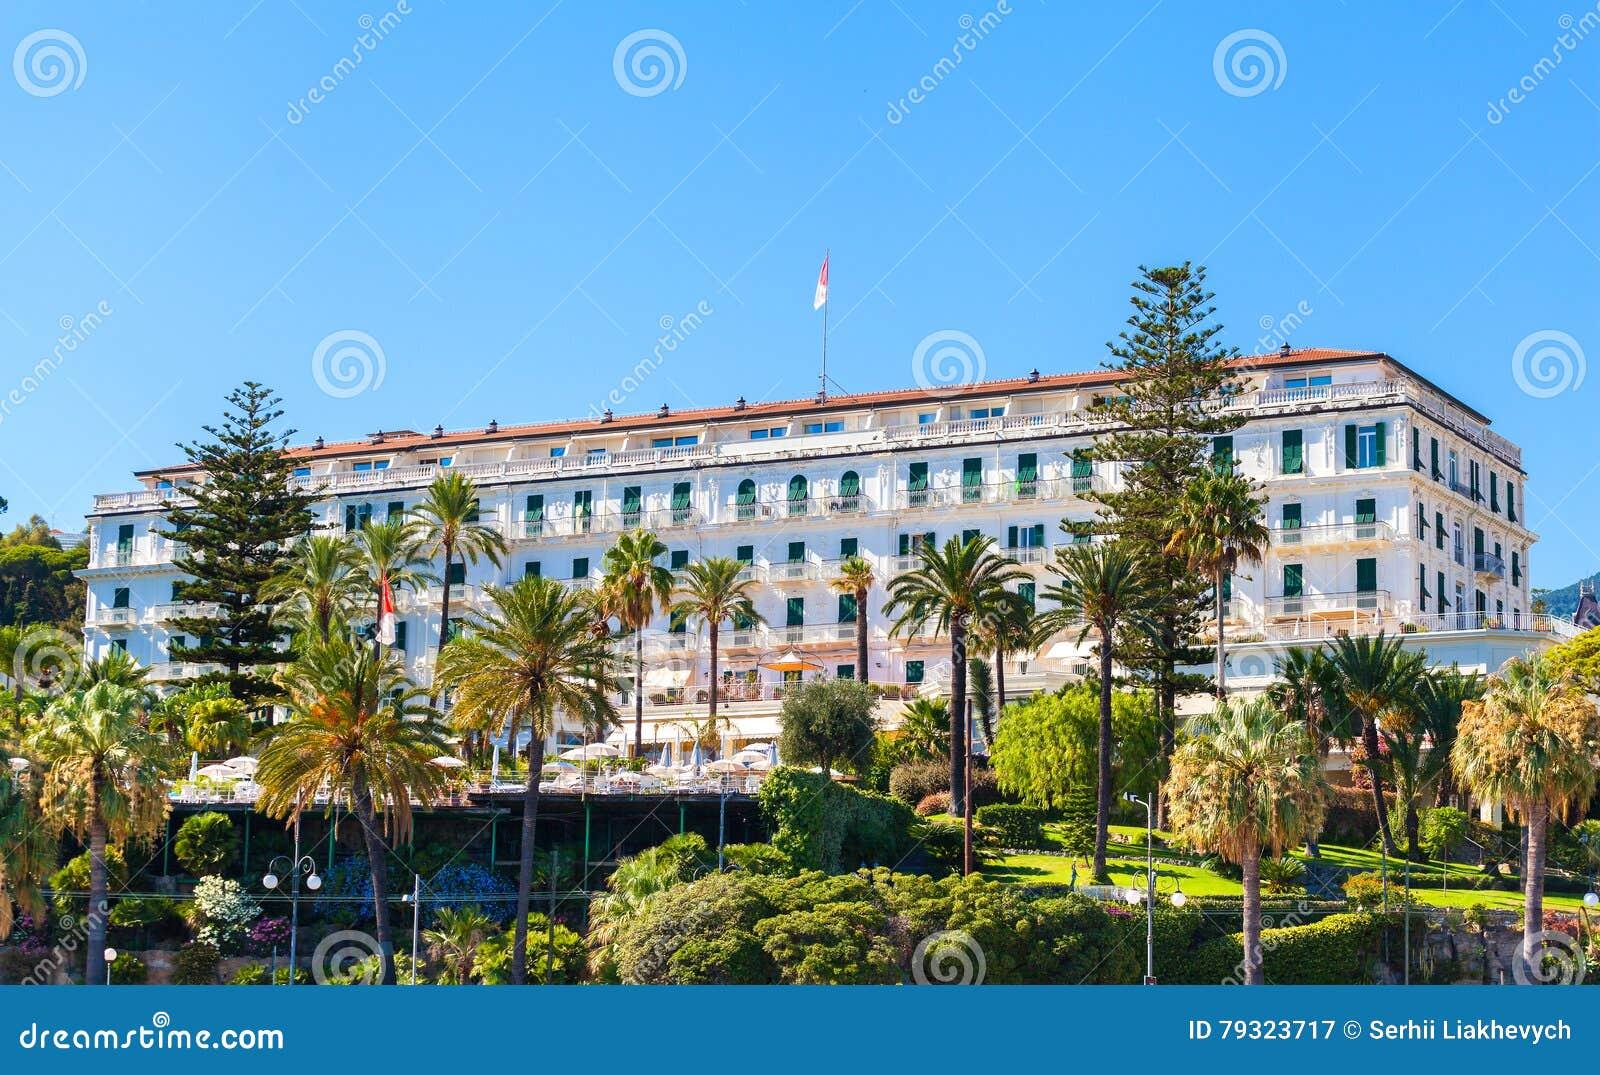 Le Batiment De L Hotel Celebre Dans San Remo Italie Image Stock